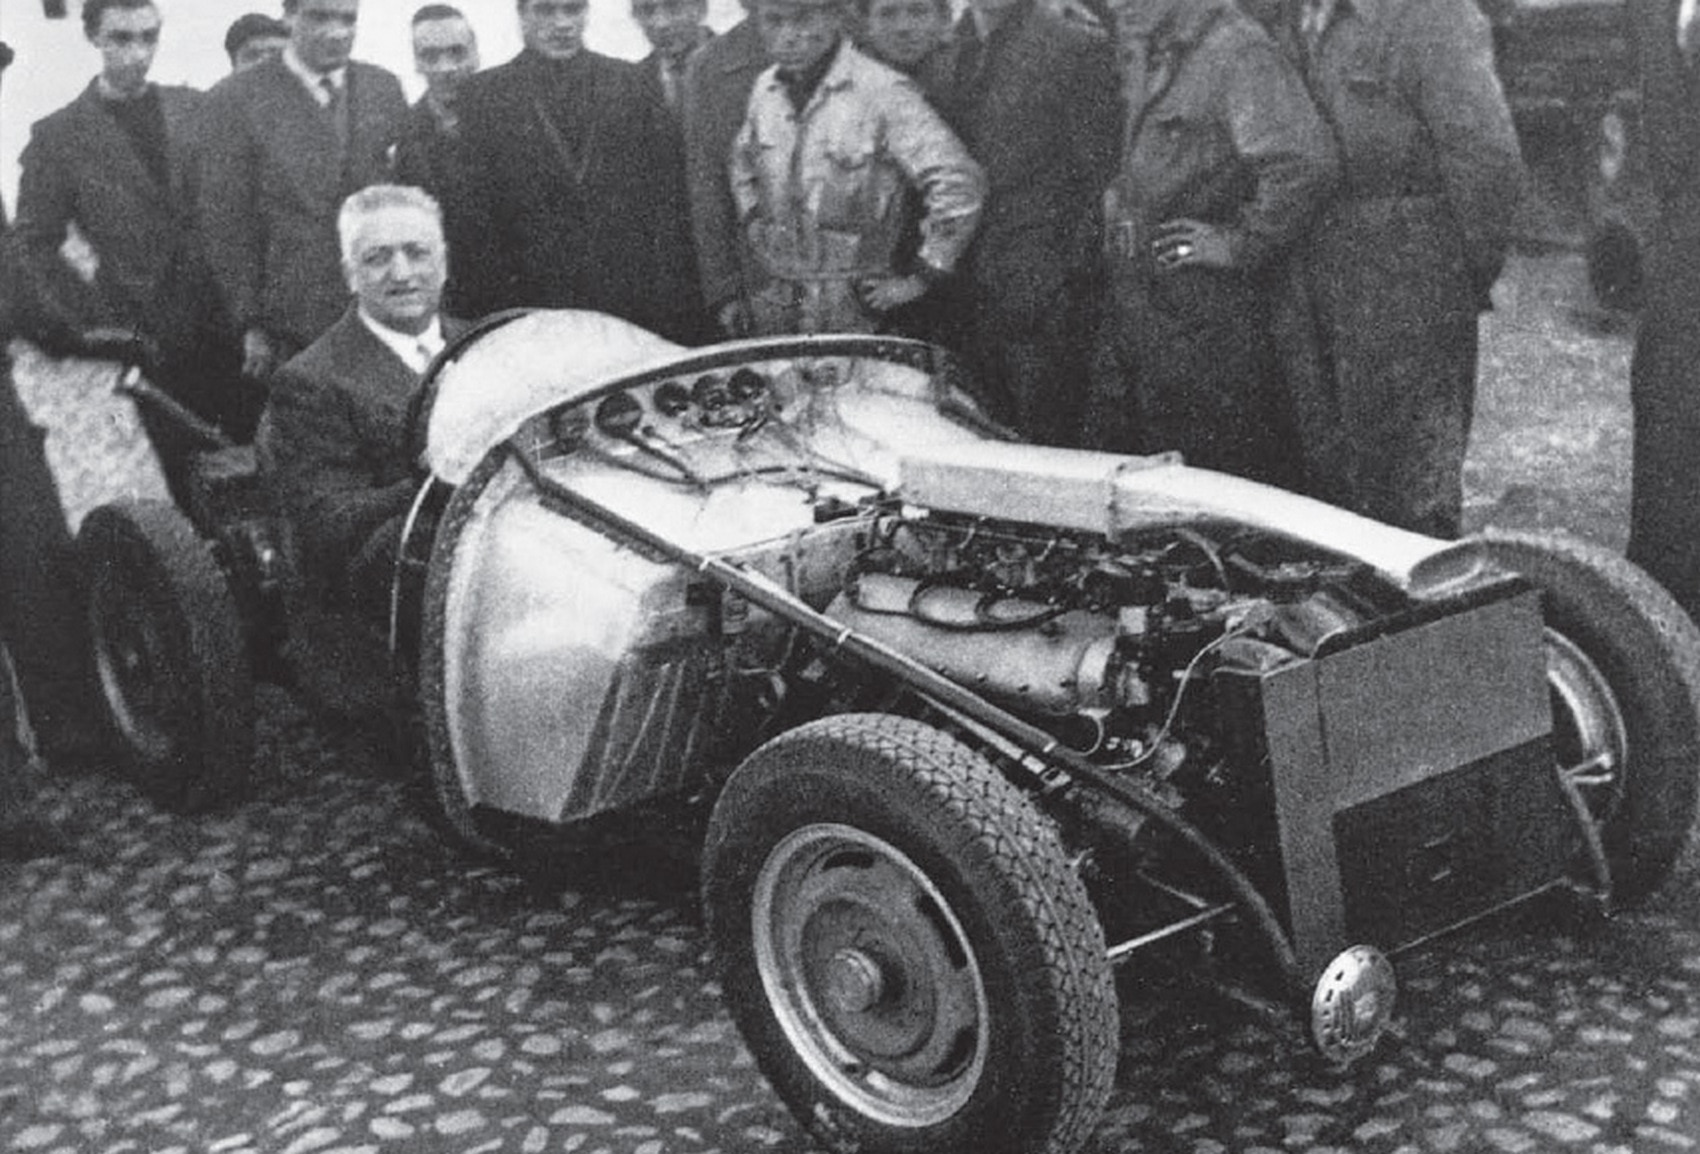 ferrari-125-s-v12-enzo-ferrari-12-marzo-1947-ruoteclassiche_12